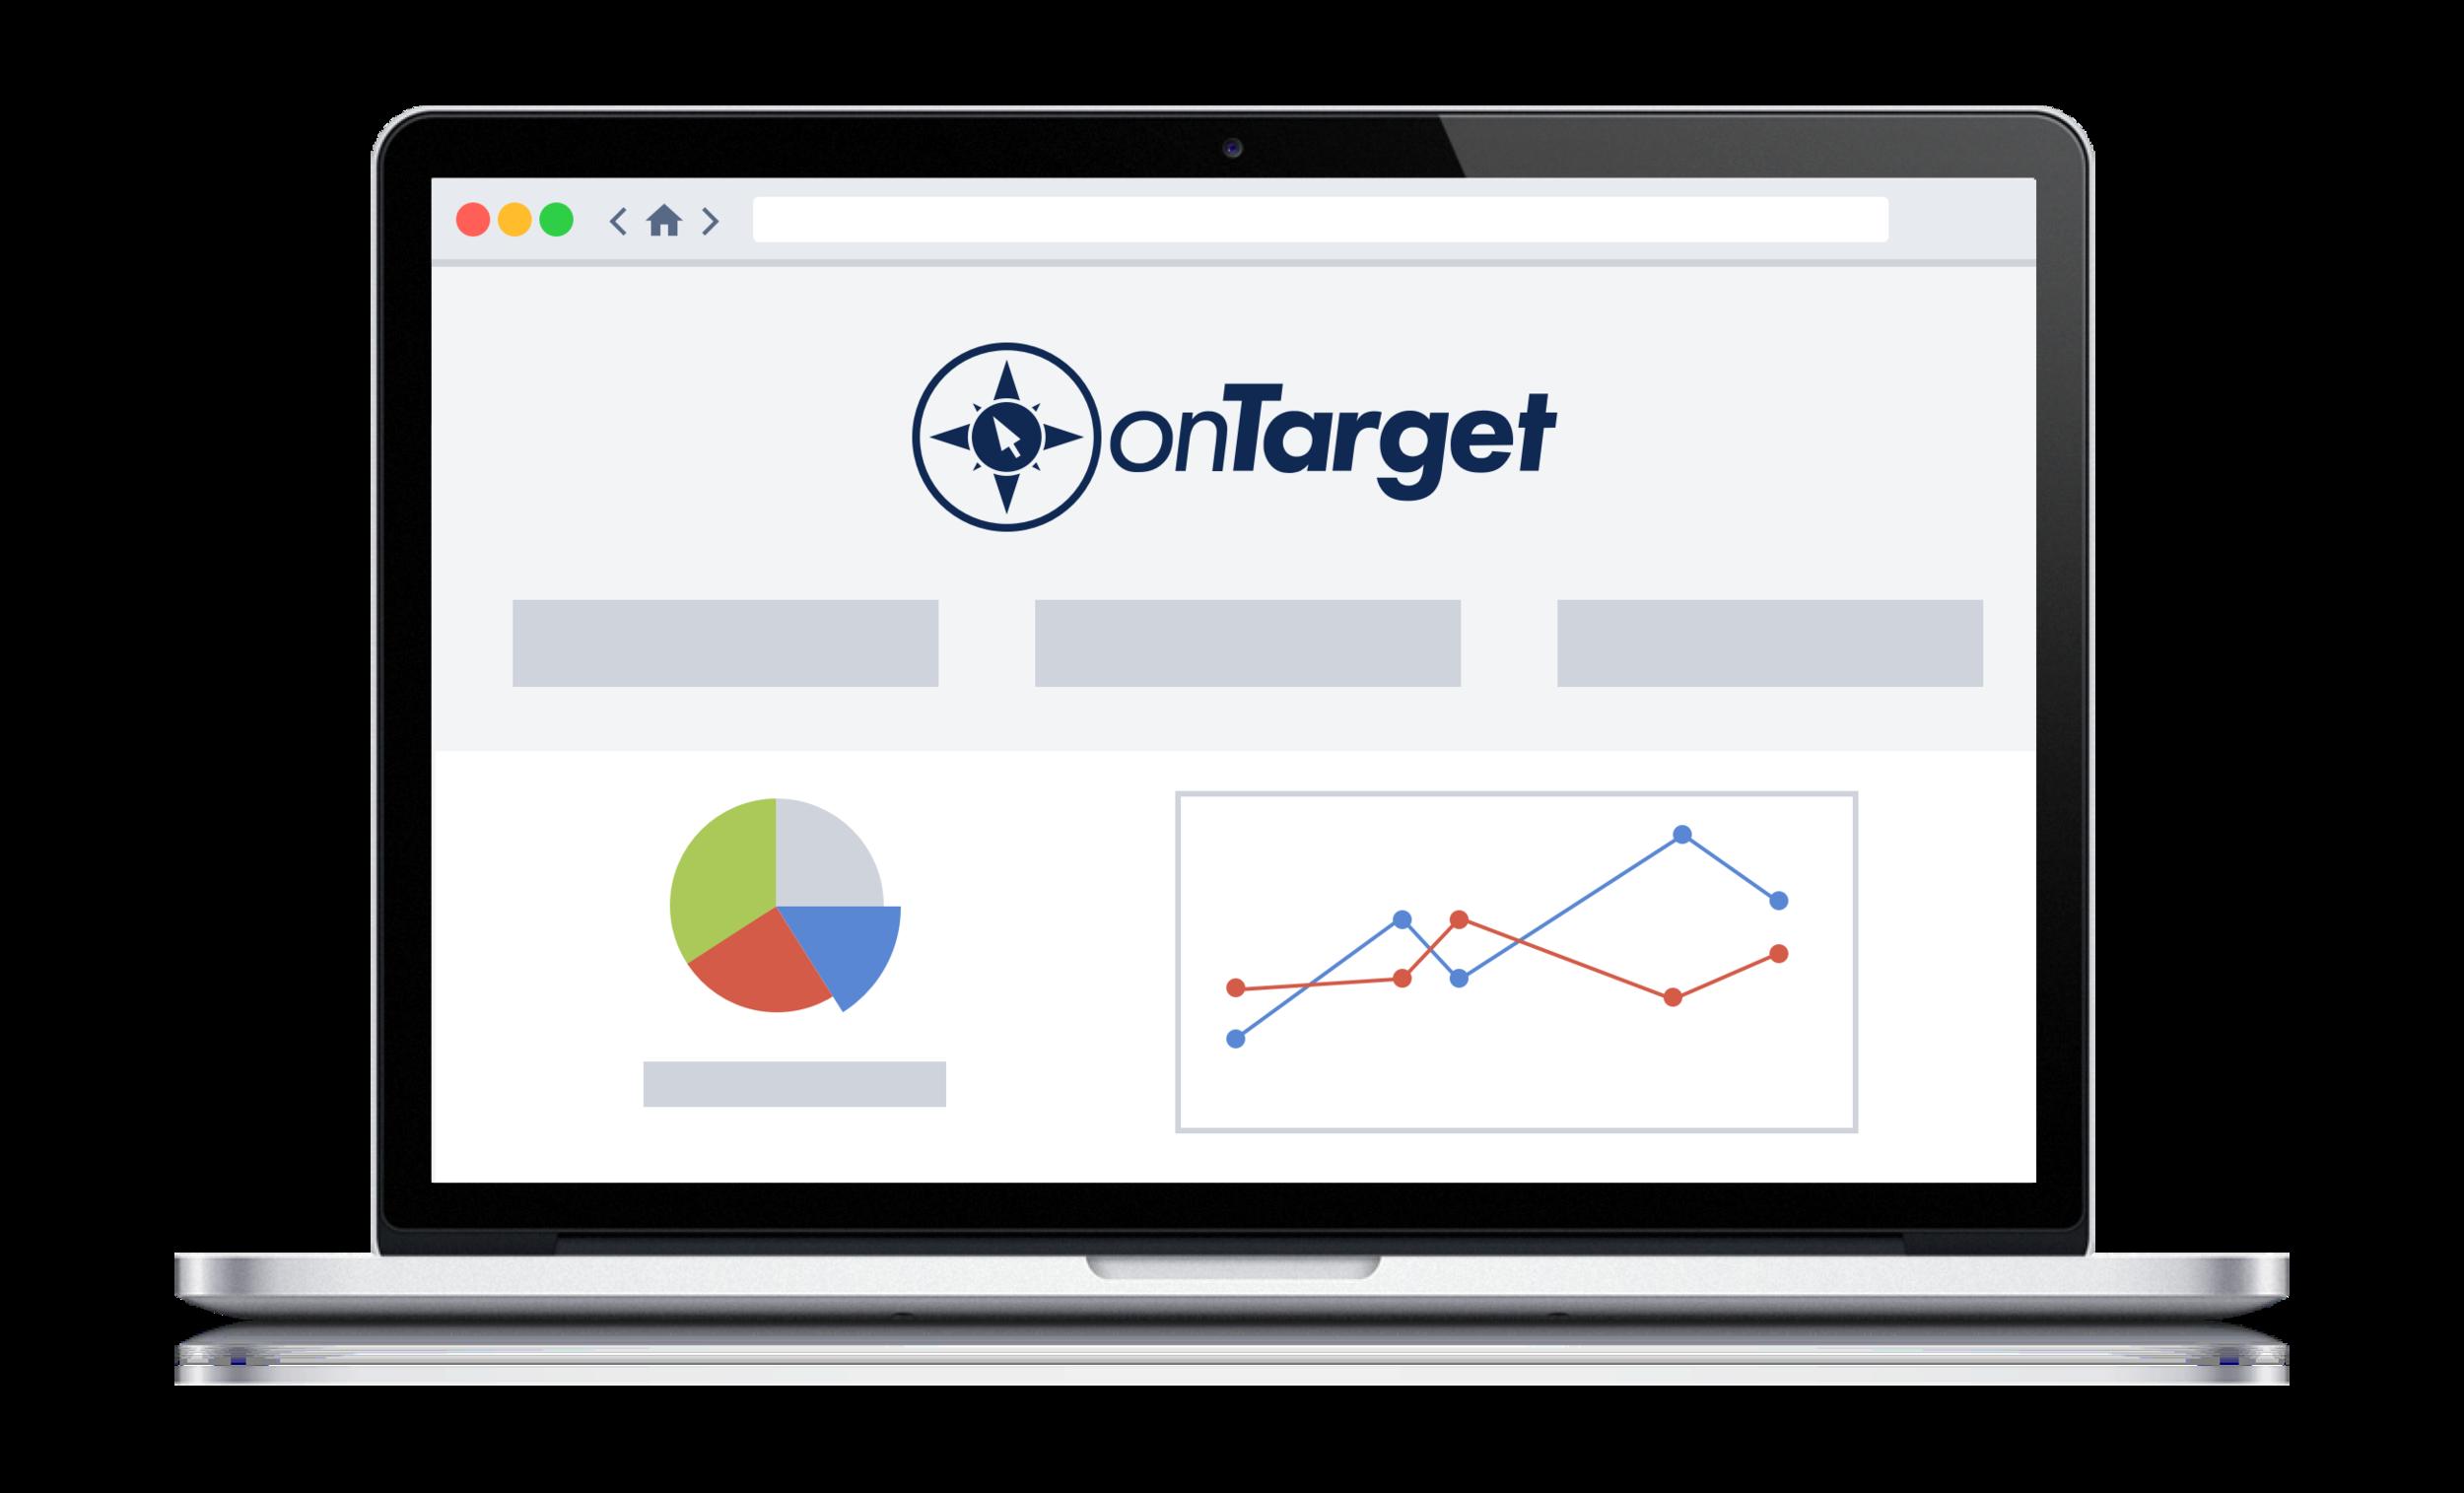 Der Zielnavigator übersetzt die Strategie Ihres Unternehmens durch konkrete Vorgaben, Ziele und Aktivitäten in das Tagesgeschäft